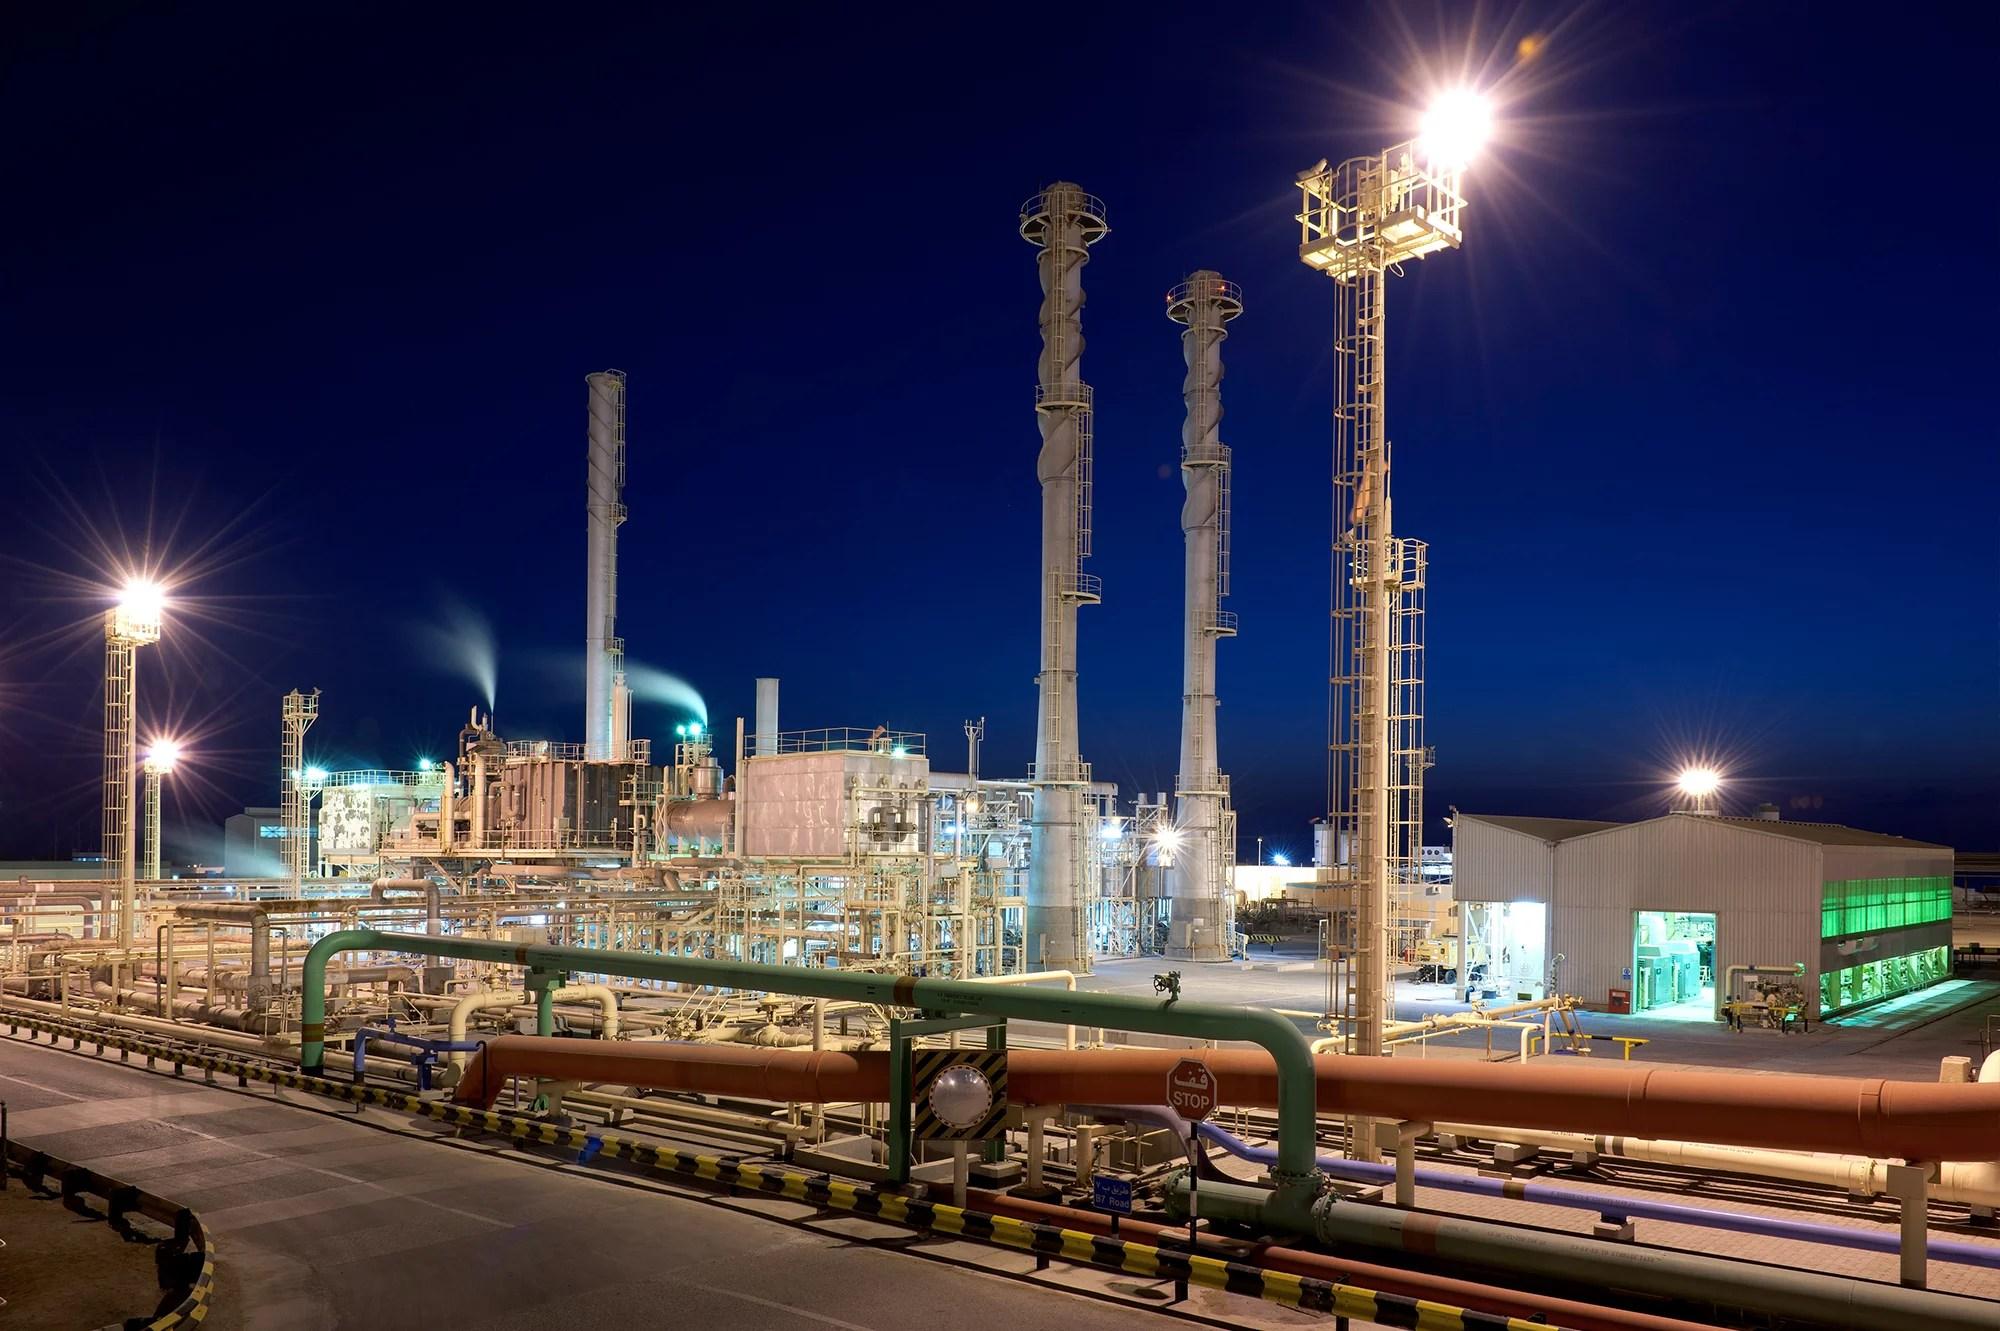 Abu dhabi ADNOC refineria